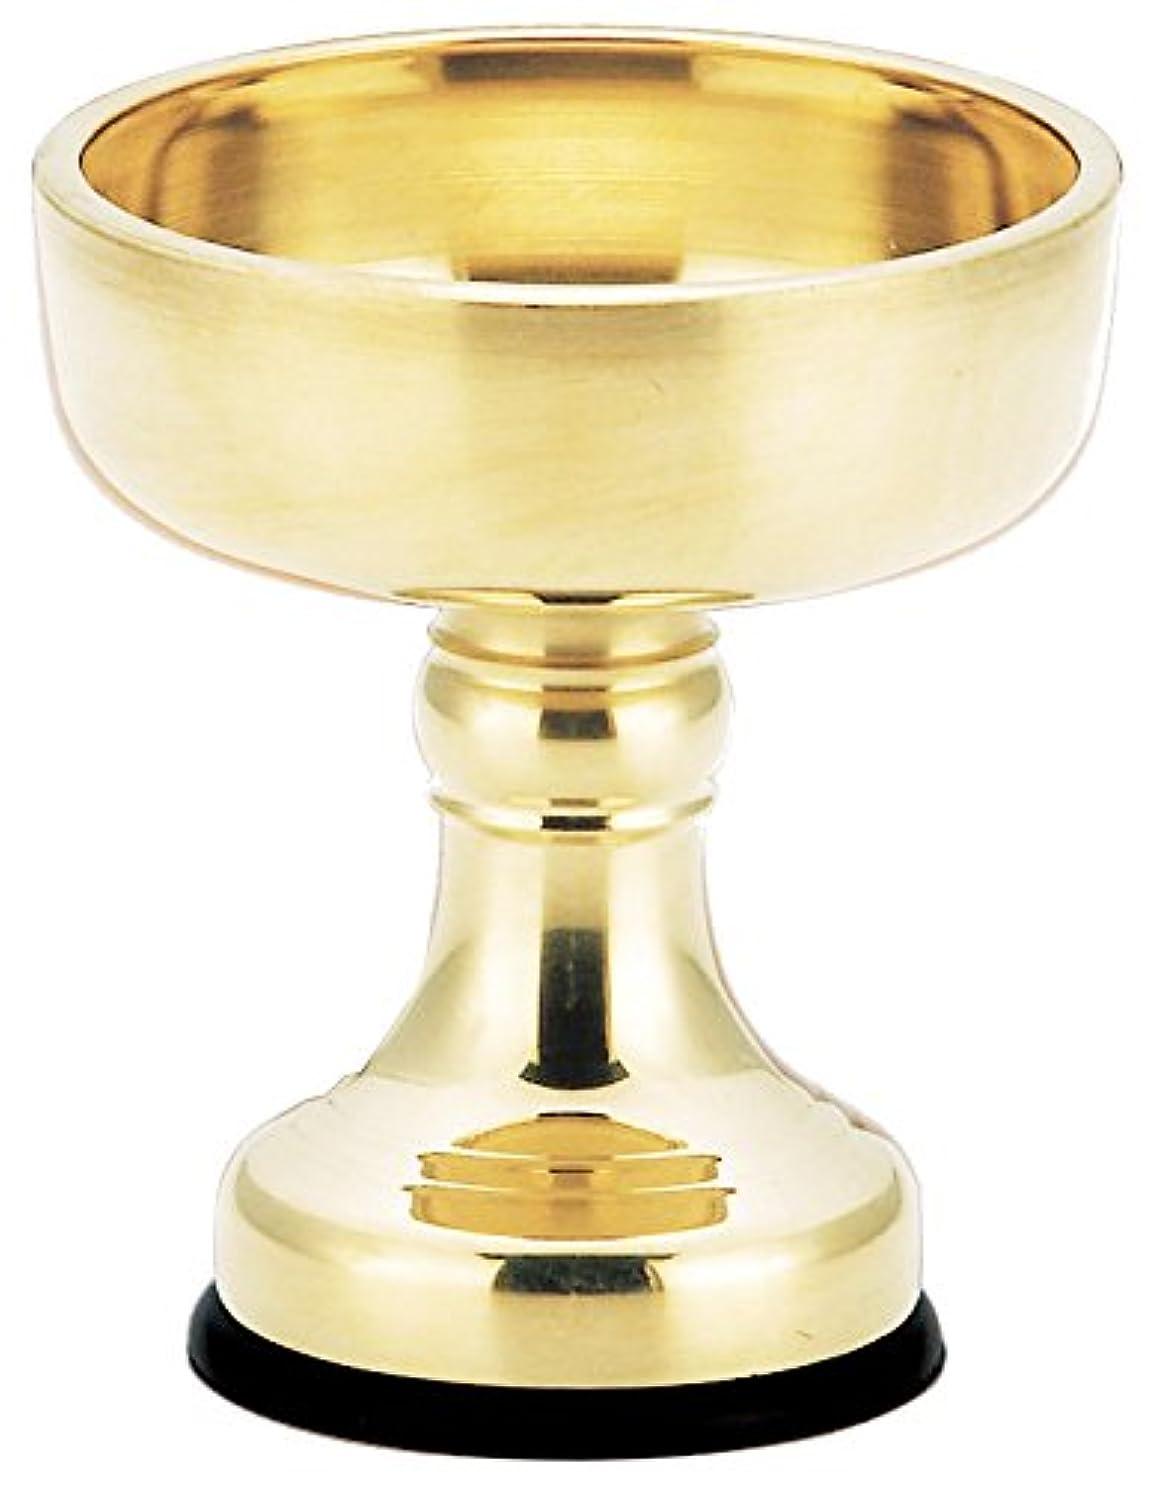 特別にカビ広大なマルエス 御仏具 唐仏器 NO.10 ゴールド